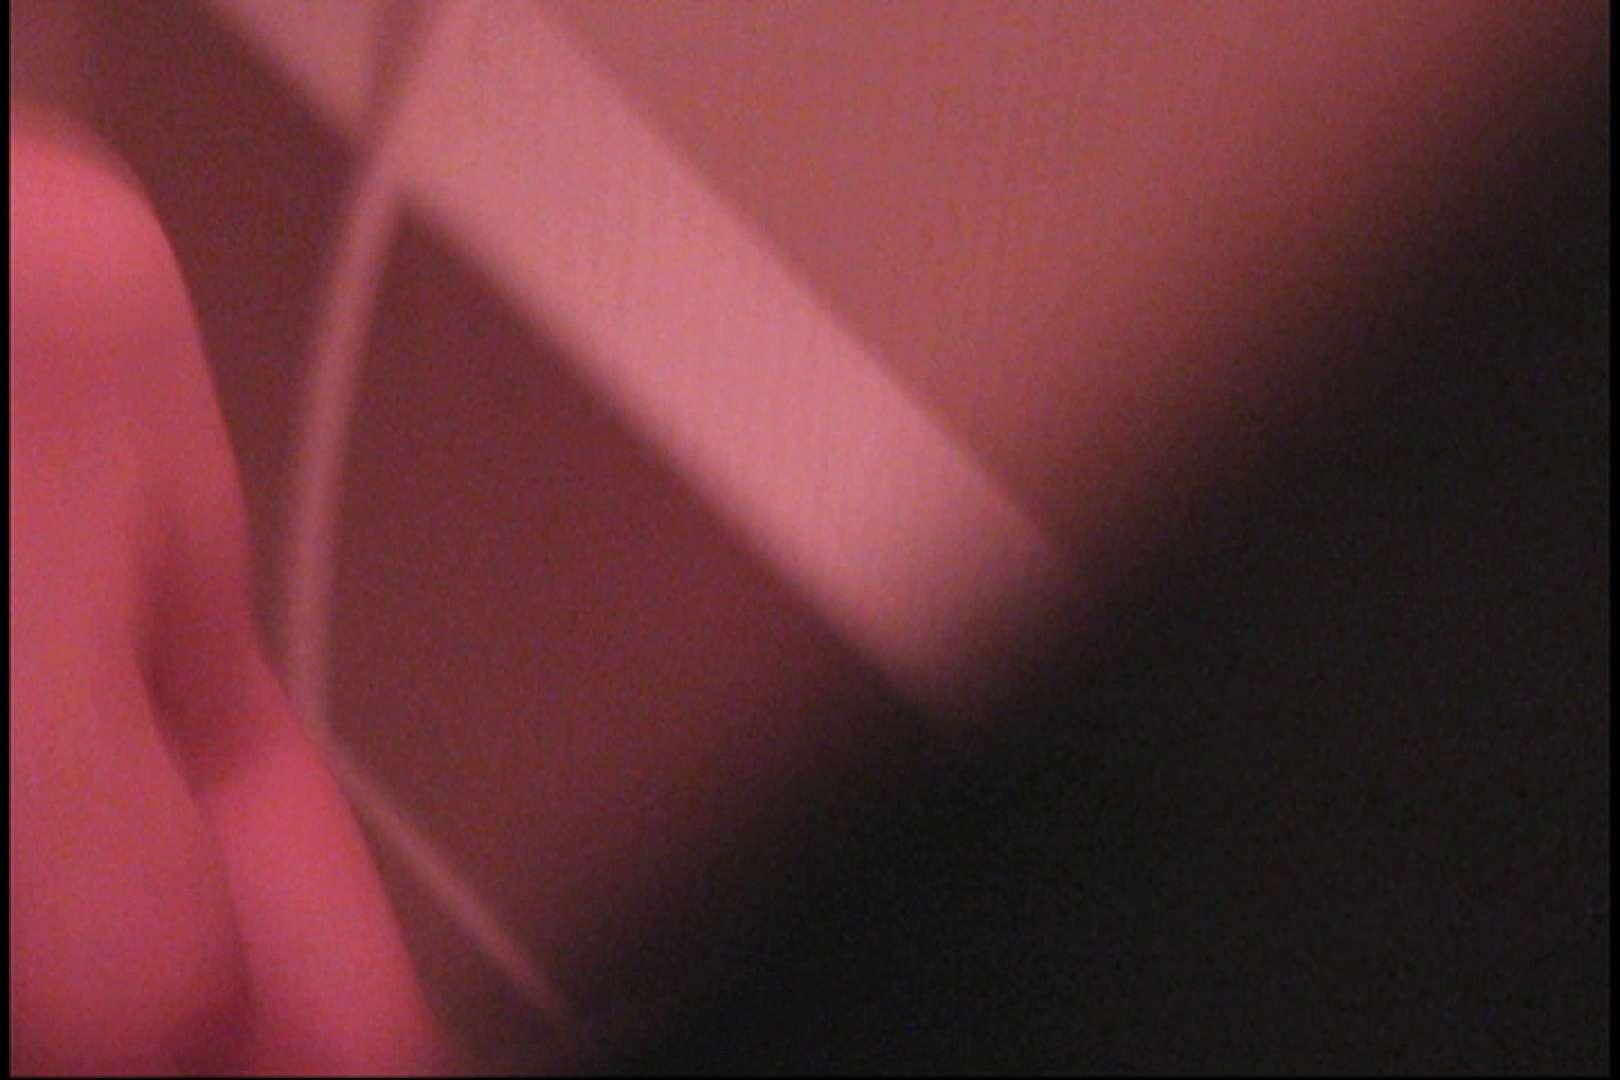 セックスアダルト動画 No.3 巨乳ギャルに接近!たわわに実ったオッパイ! 怪盗ジョーカー